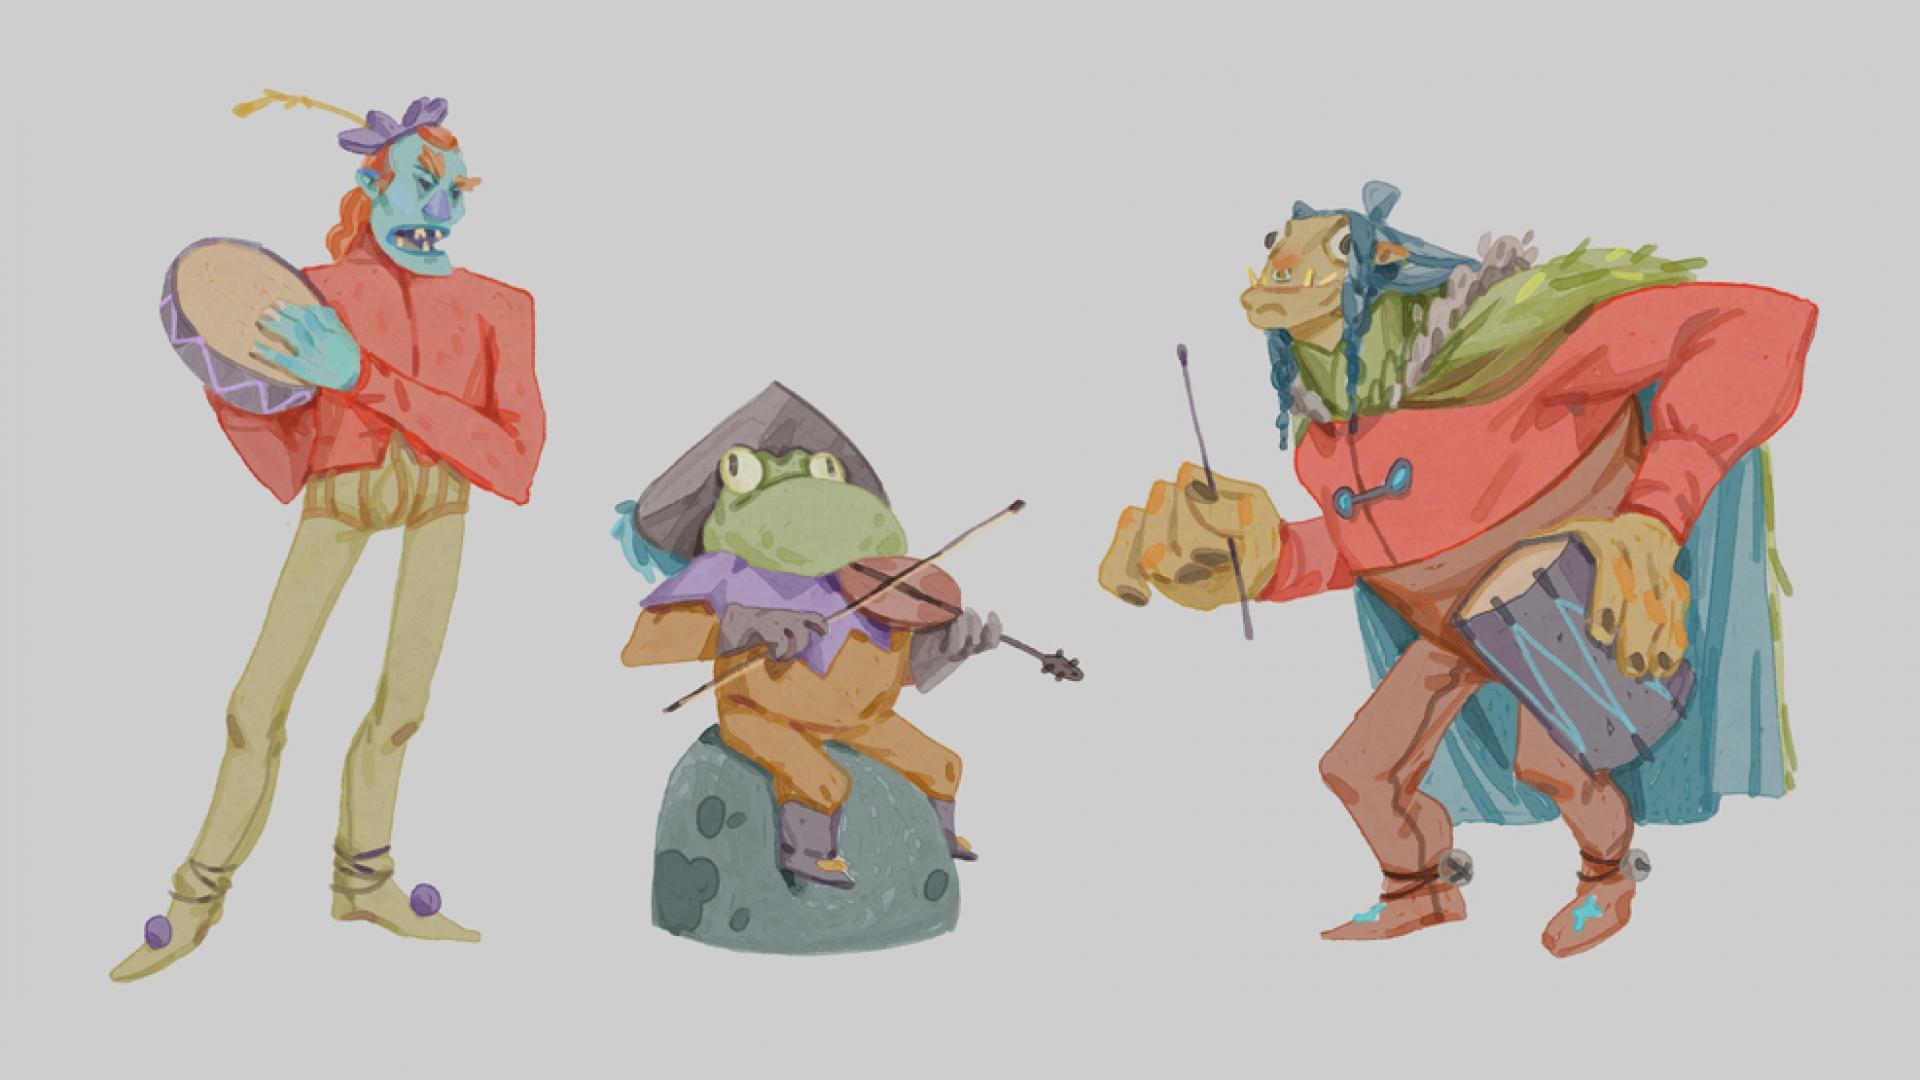 Работа куратора курса «2D Графика», Валерии Луговой.